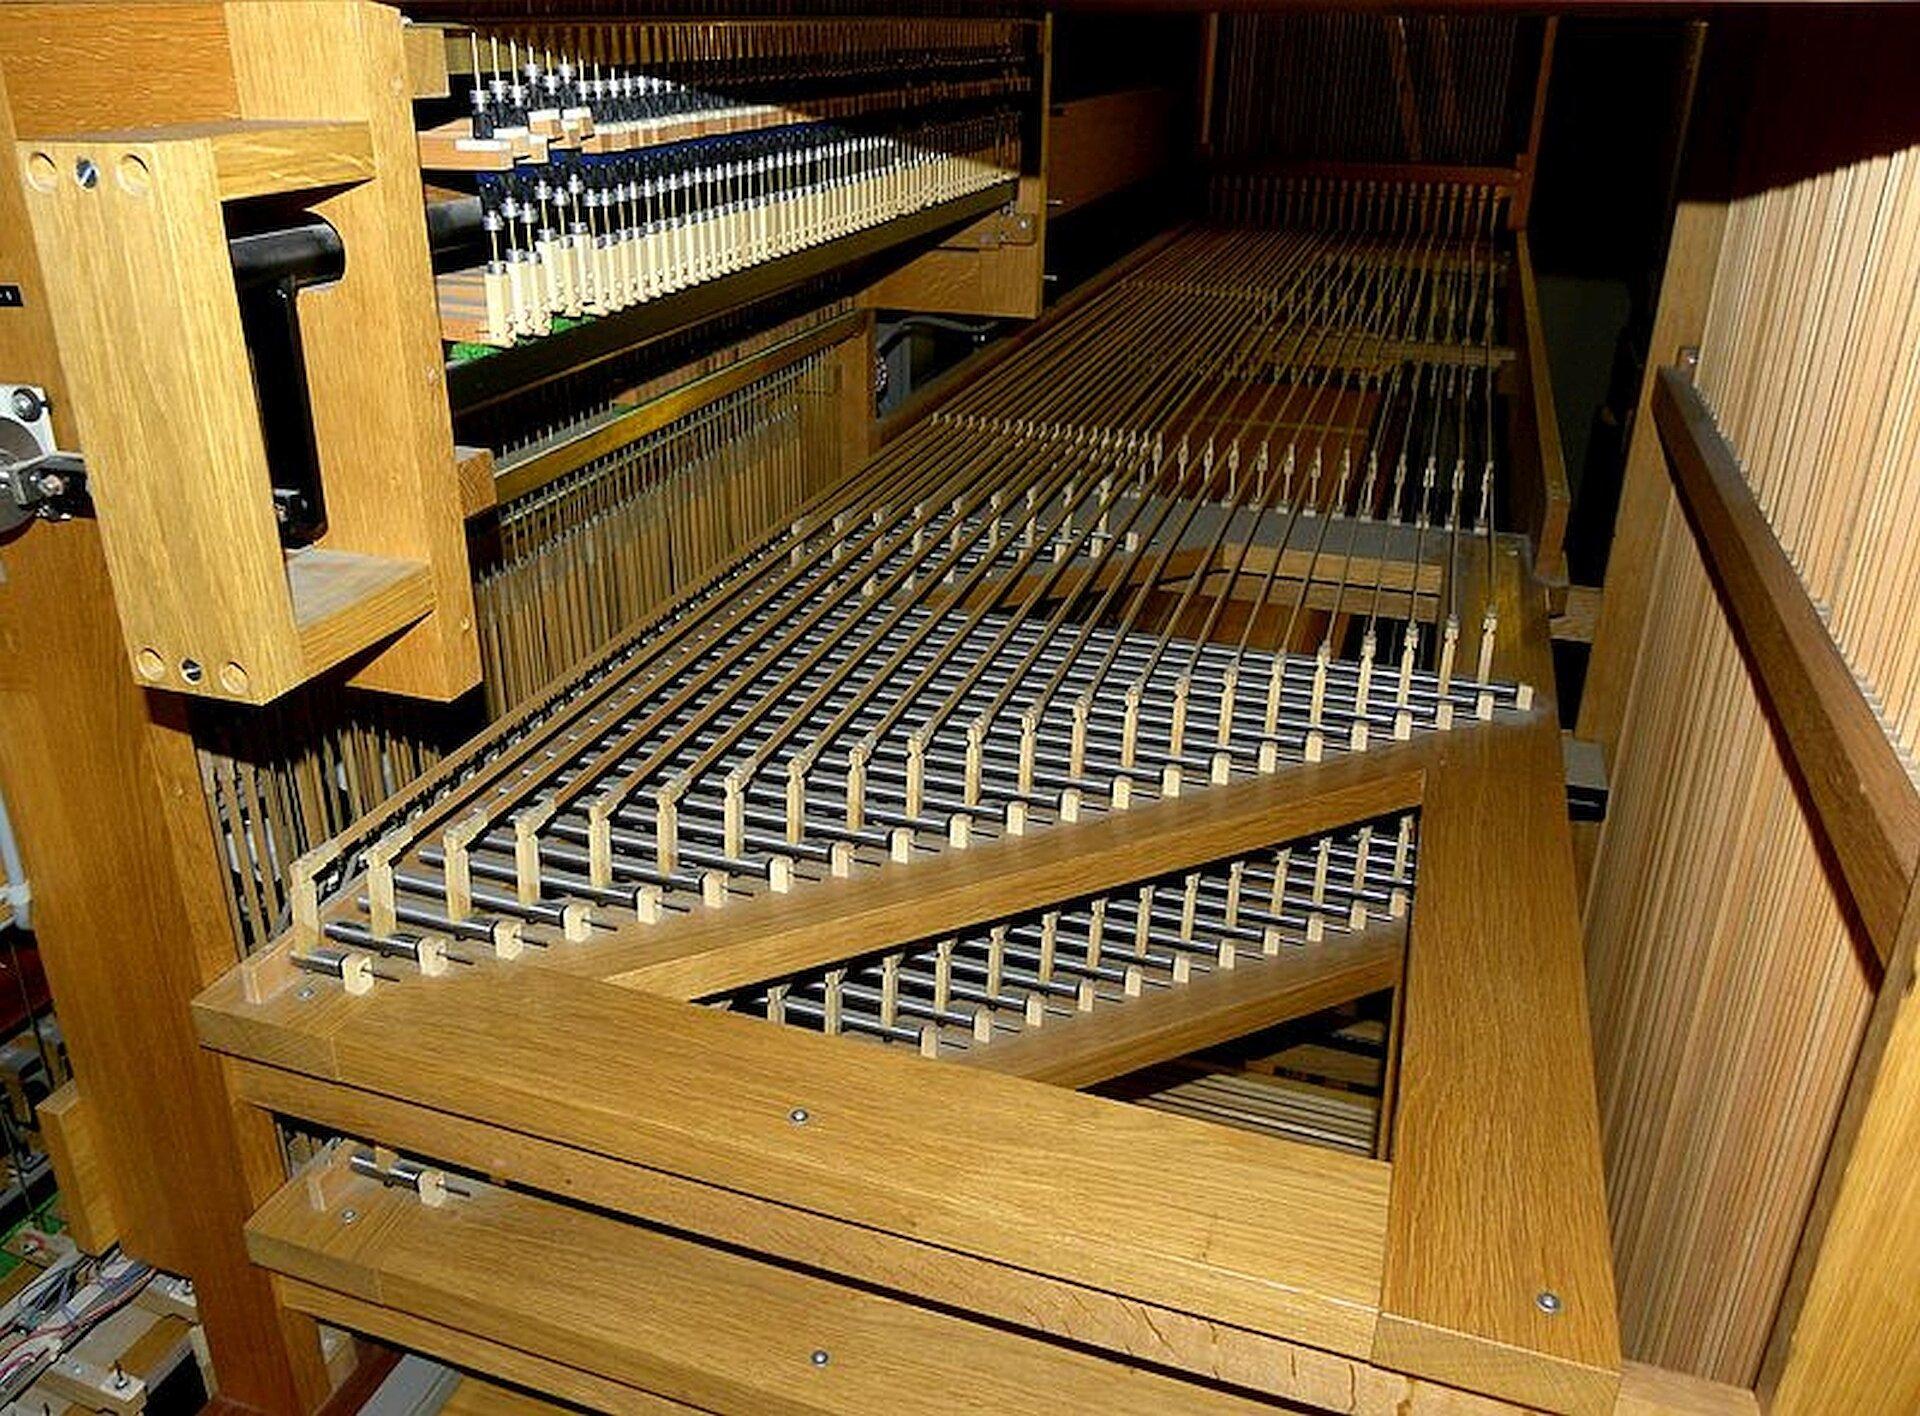 Zdjęcie podpisane: elementy mechanicznej traktury gry - tzw. mechanizm wałkowy. Na zdjęciu widoczny jest mechanizm wykonany zdrewna imetalu. Widać wiele równoległych metalowych połączeń uruchamianych przez młoteczki. Zadaniem tych połączeń jest przekazywanie ruchu klawiszy naciskanych przez organistę na ruch wentyli wpuszczających powietrze do piszczałek.